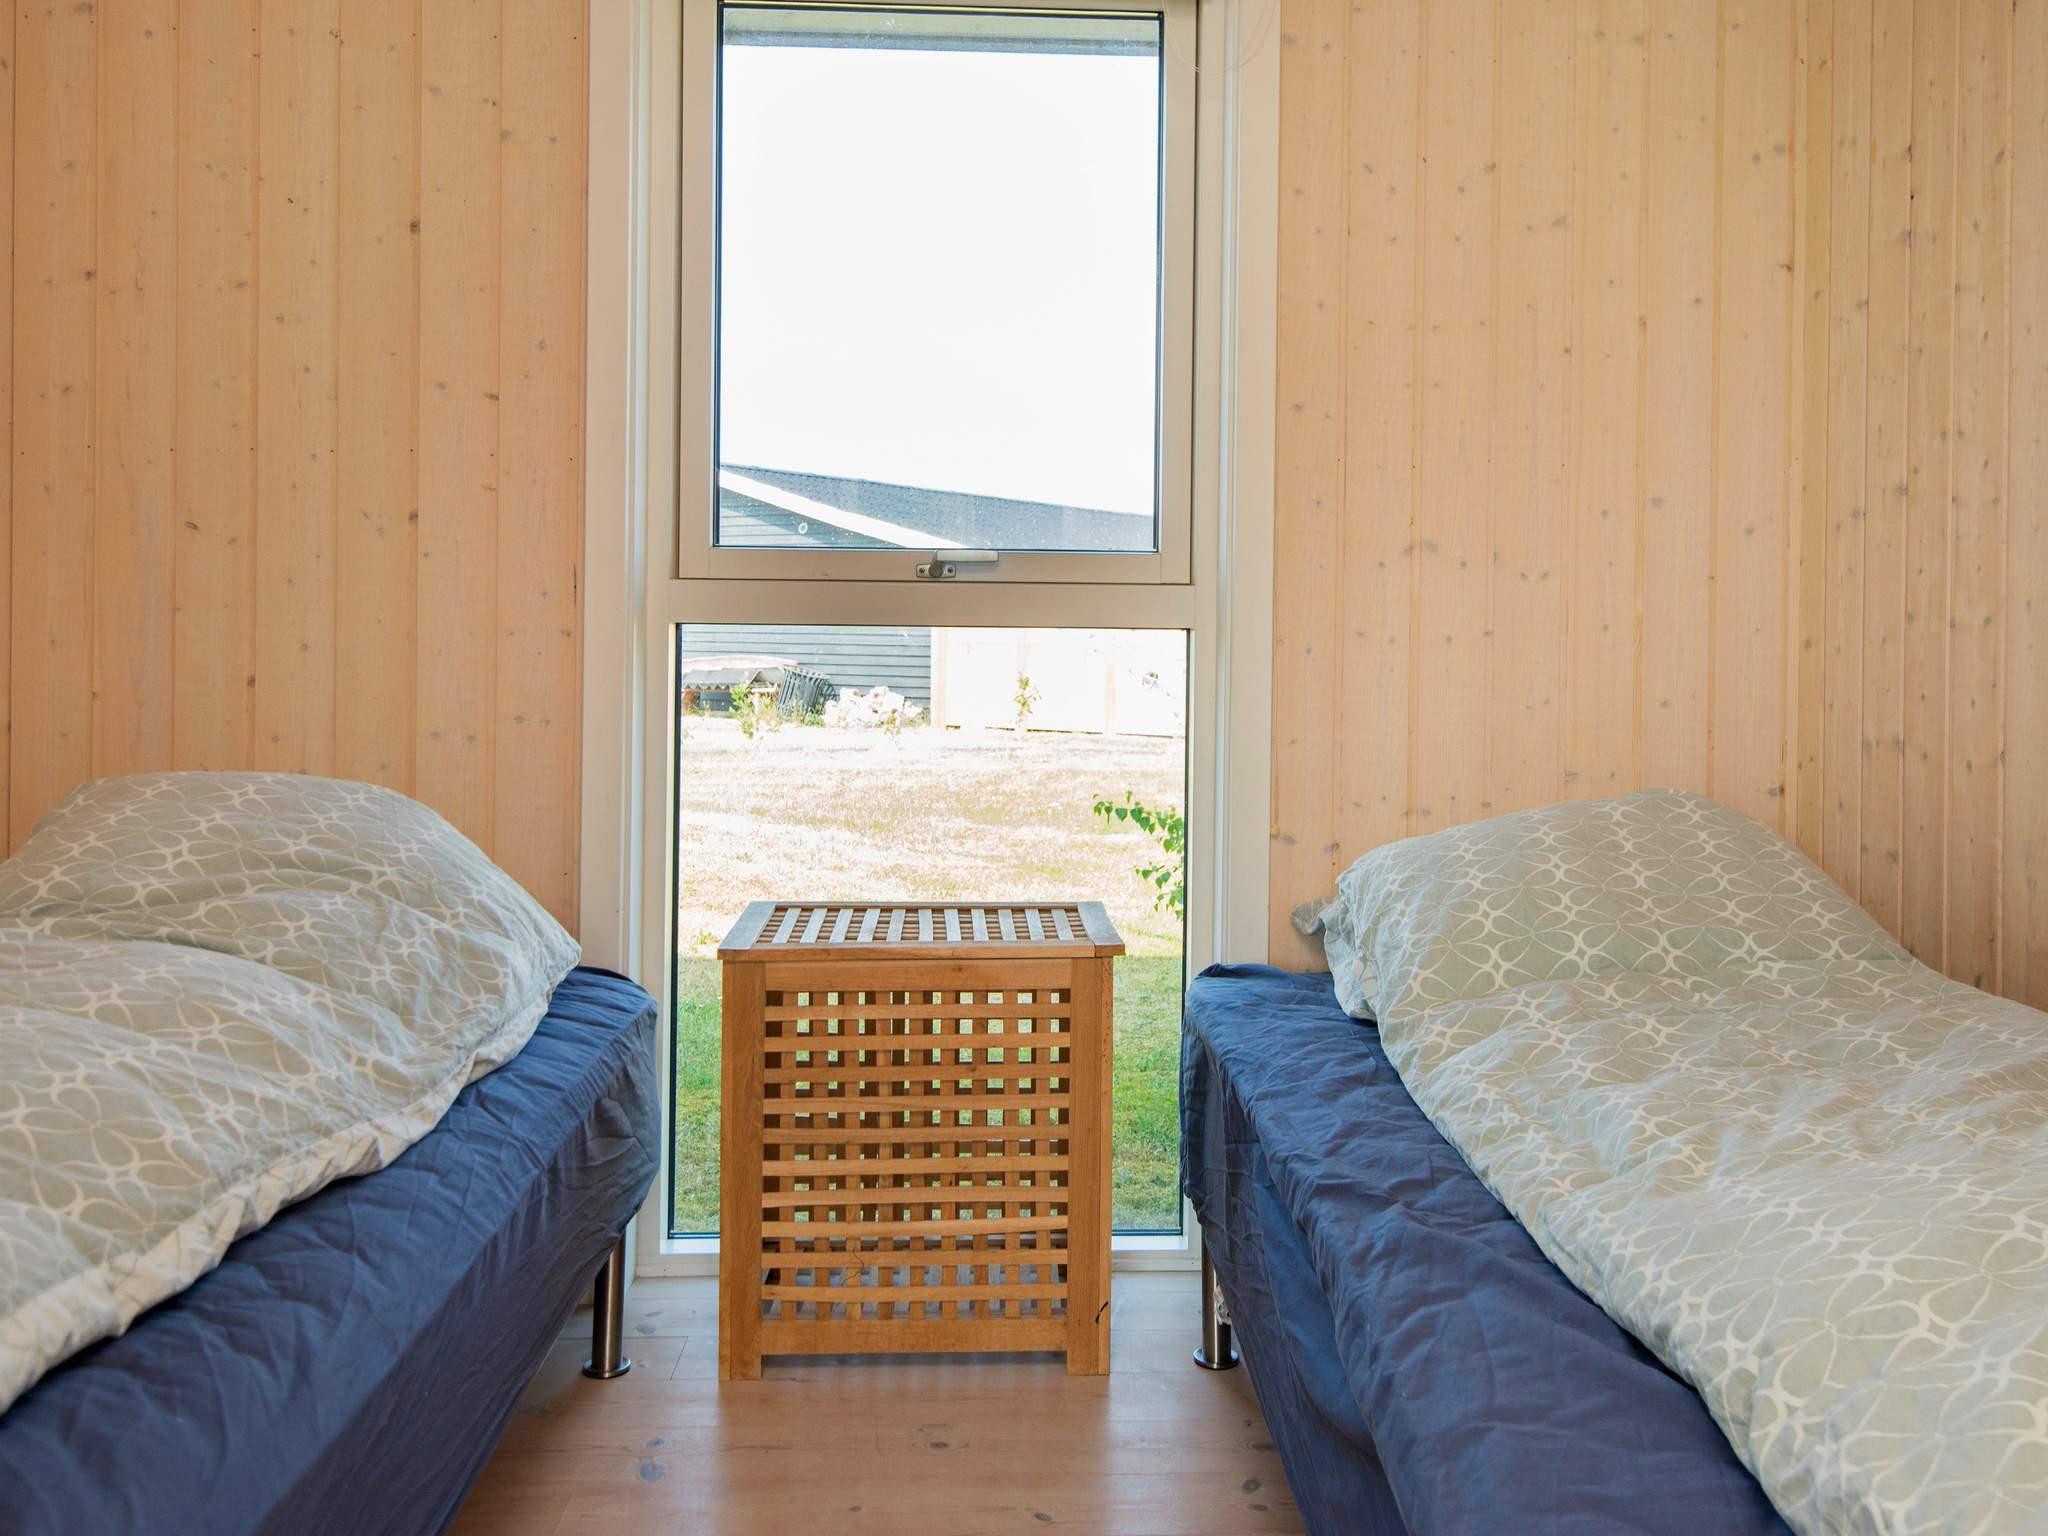 Ferienhaus Bønnerup Strand (601852), Bønnerup, , Ostjütland, Dänemark, Bild 13